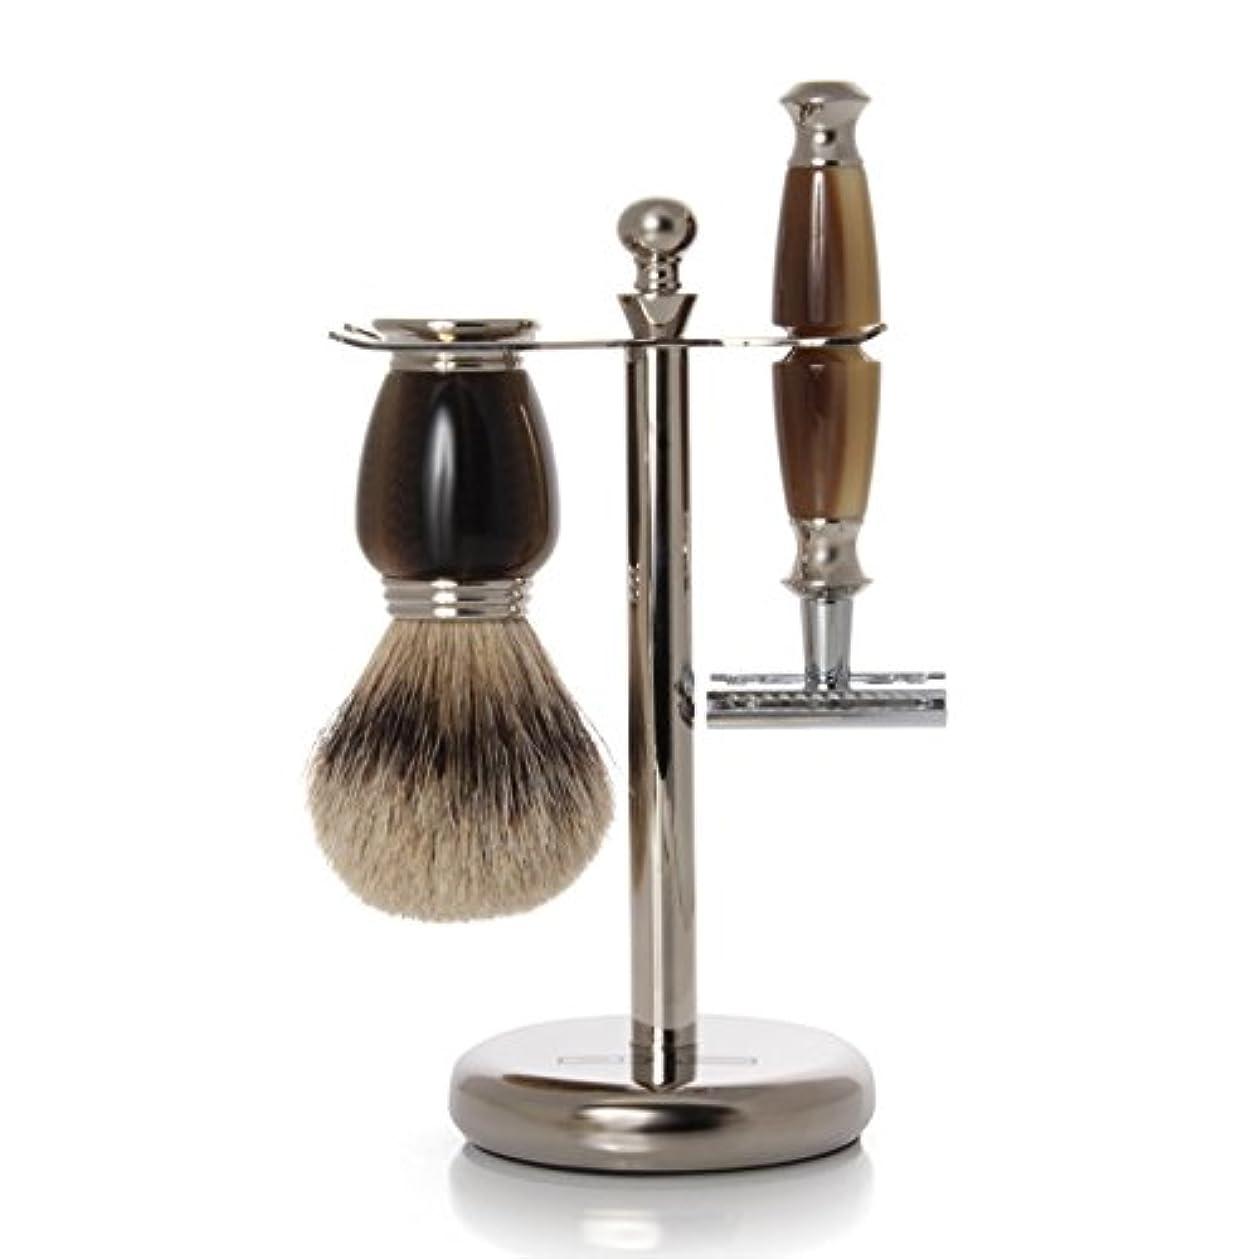 抜本的なアスリートひどくGOLDDACHS Shaving Set, Safety Razor, Silvertip, Galalith